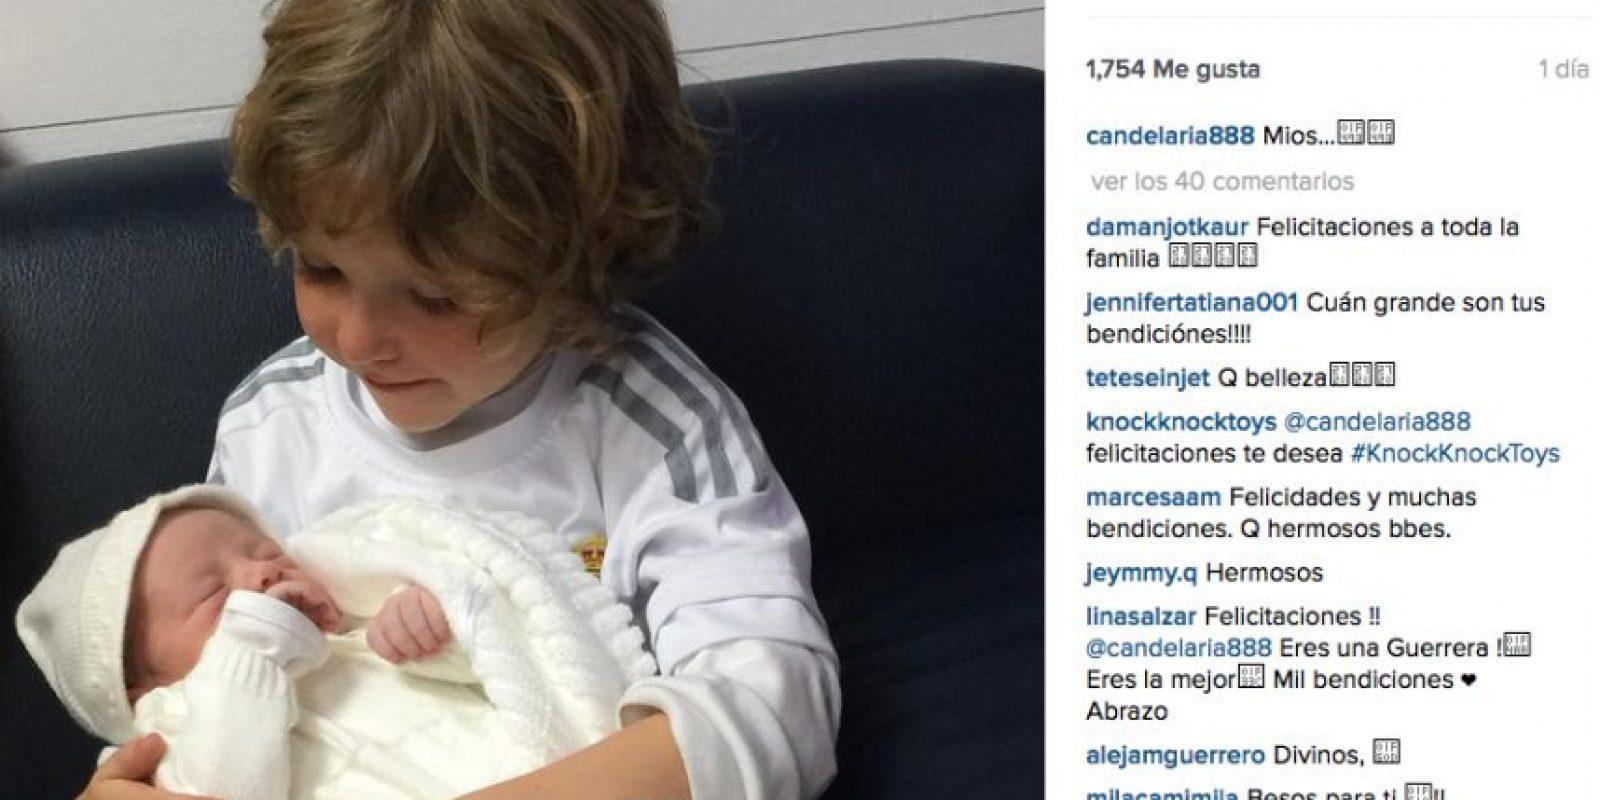 Su hijo Simón carga a la recién nacida Foto:Instagram Johana Bahamón @candelaria888